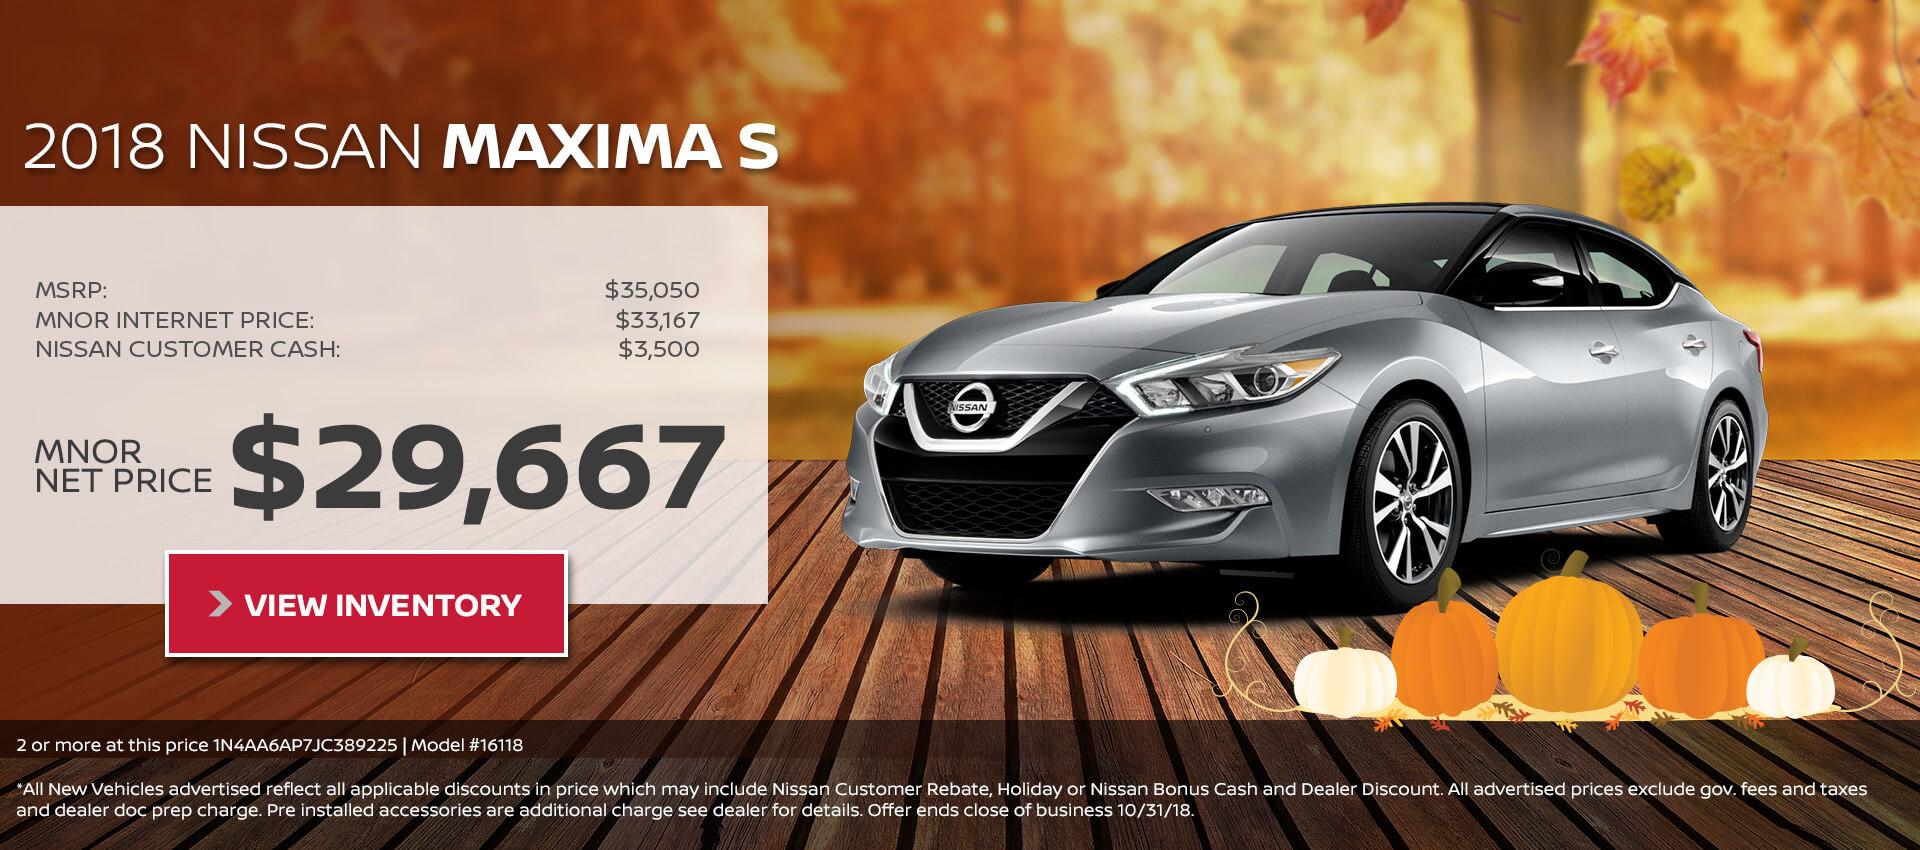 2018 Nissan Maxima $29,667